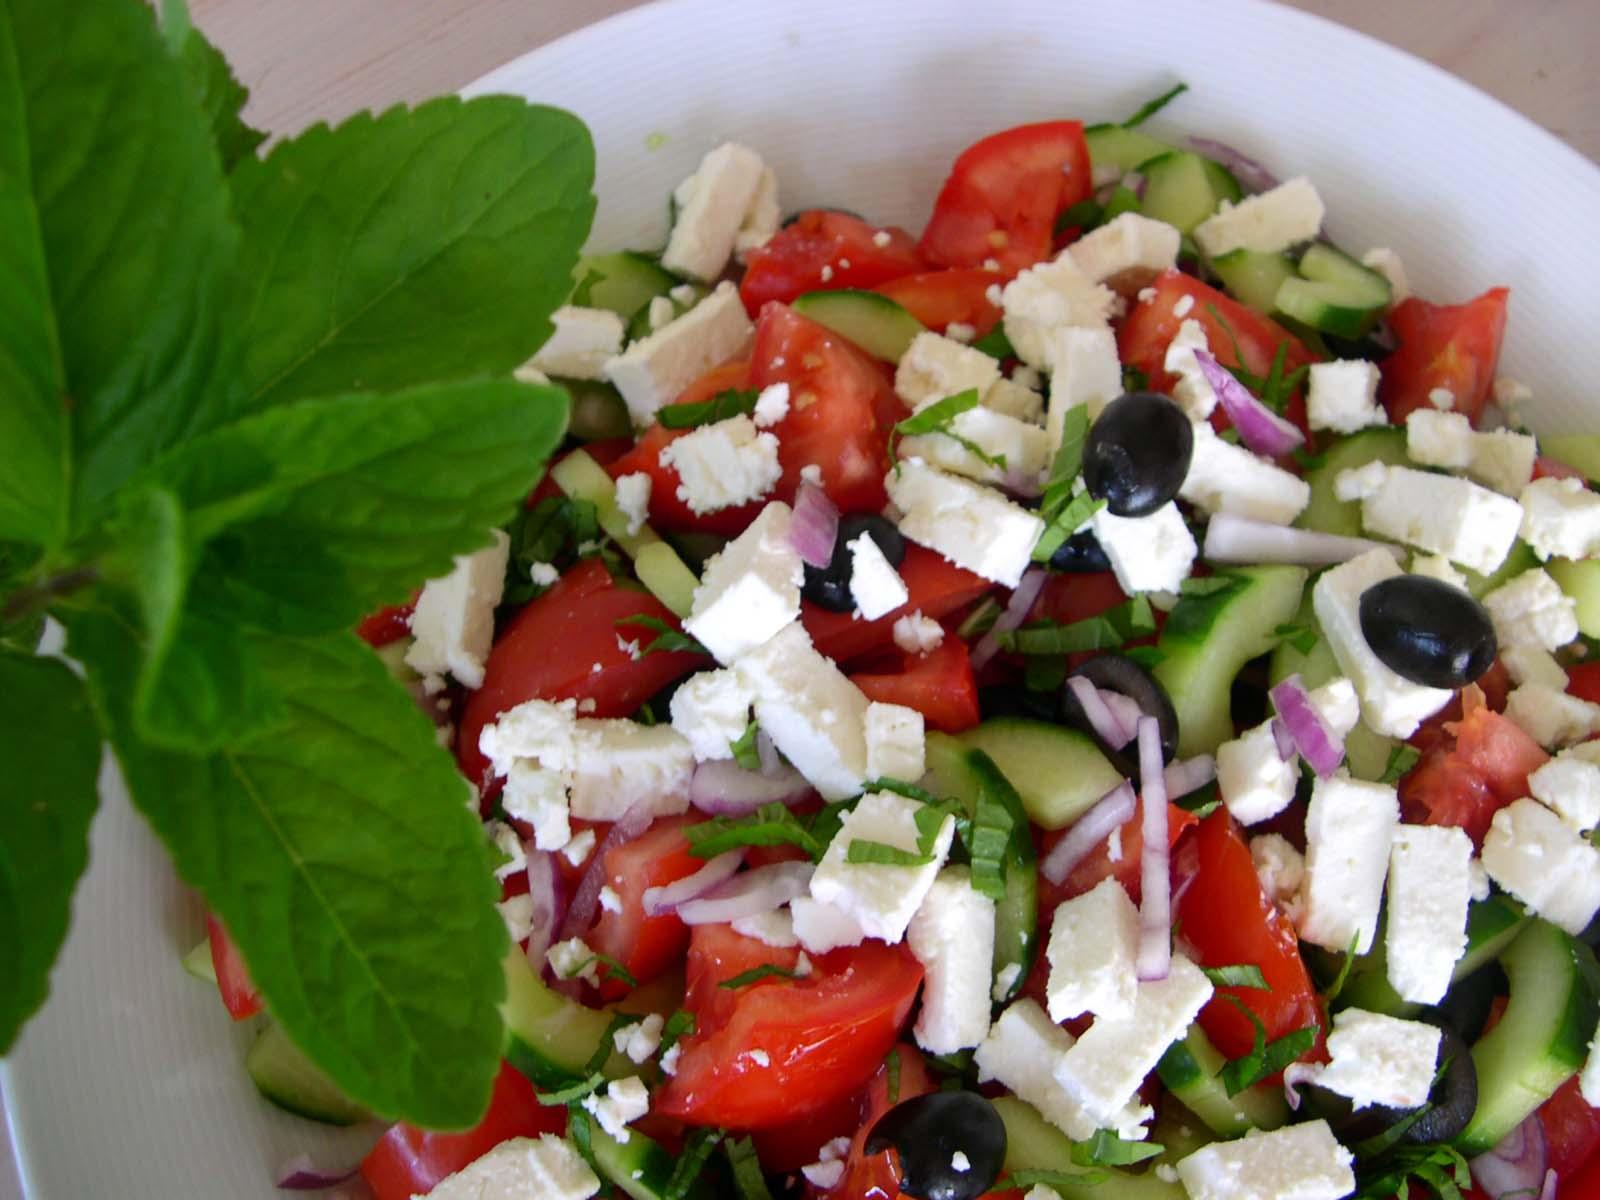 salade_grecque.2011122804714